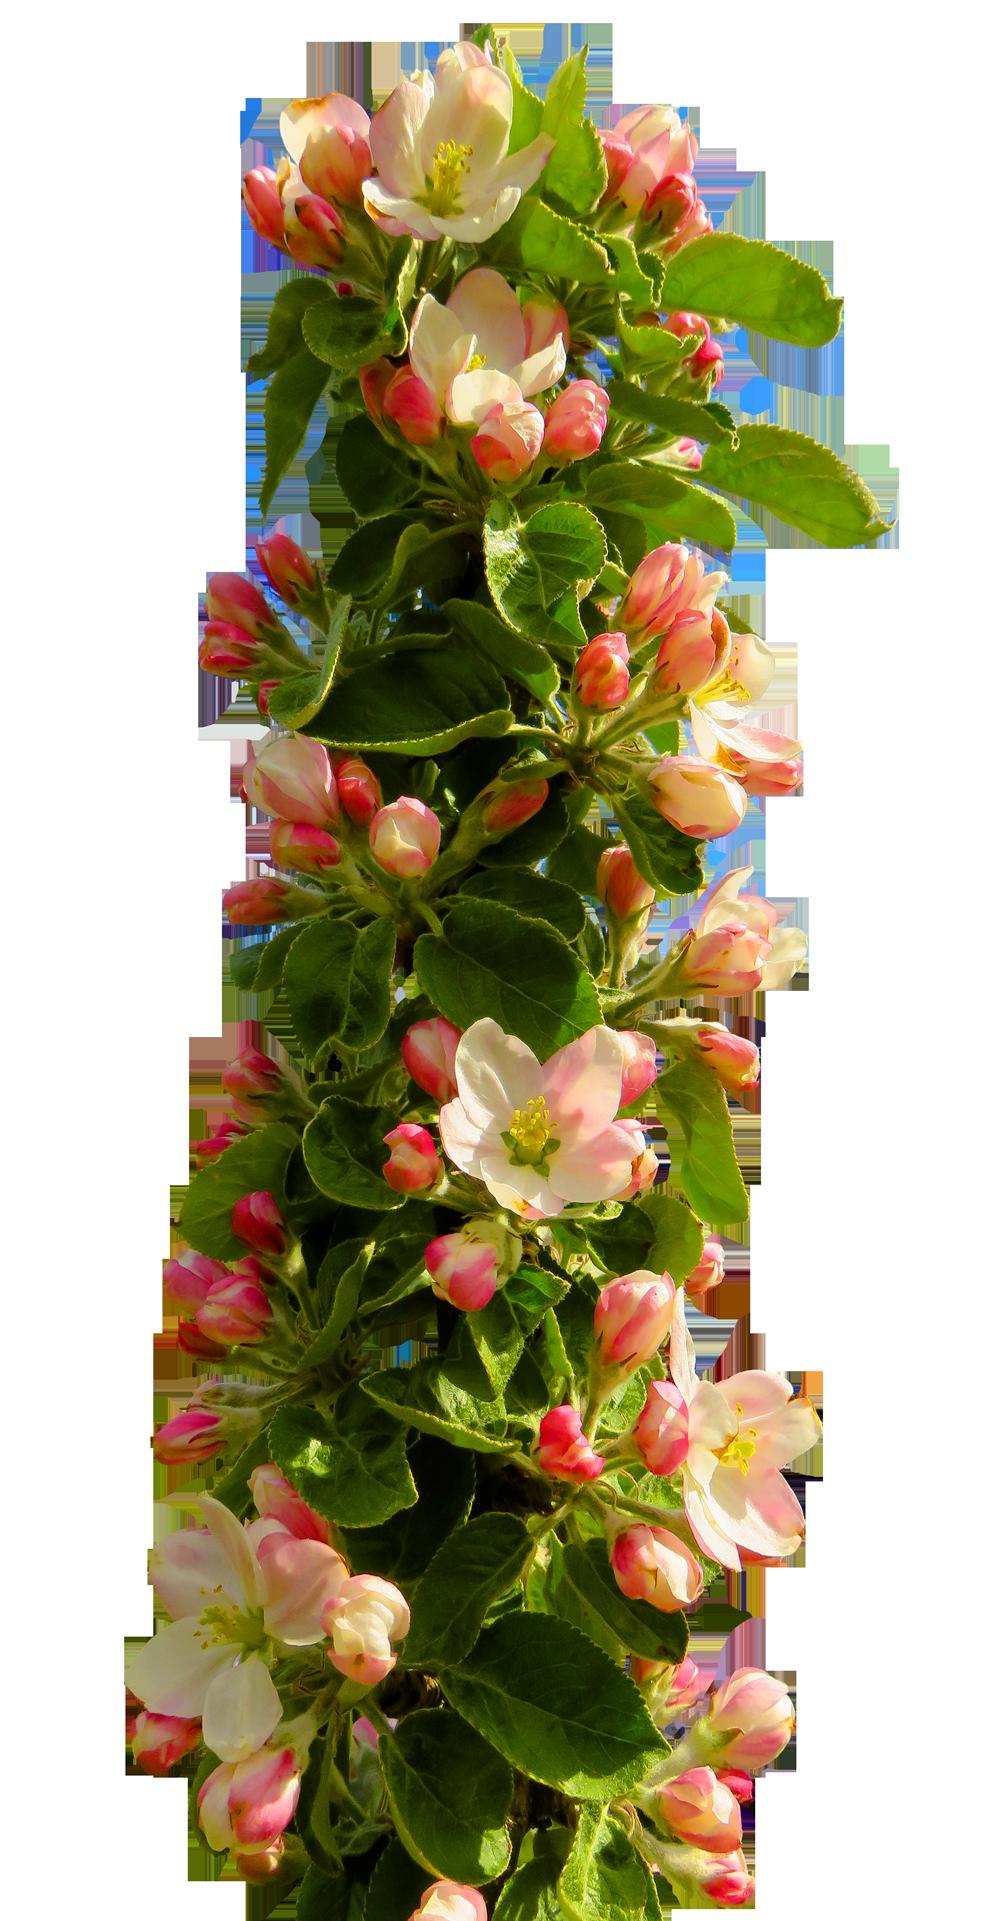 Spring Flower PNG Transparent